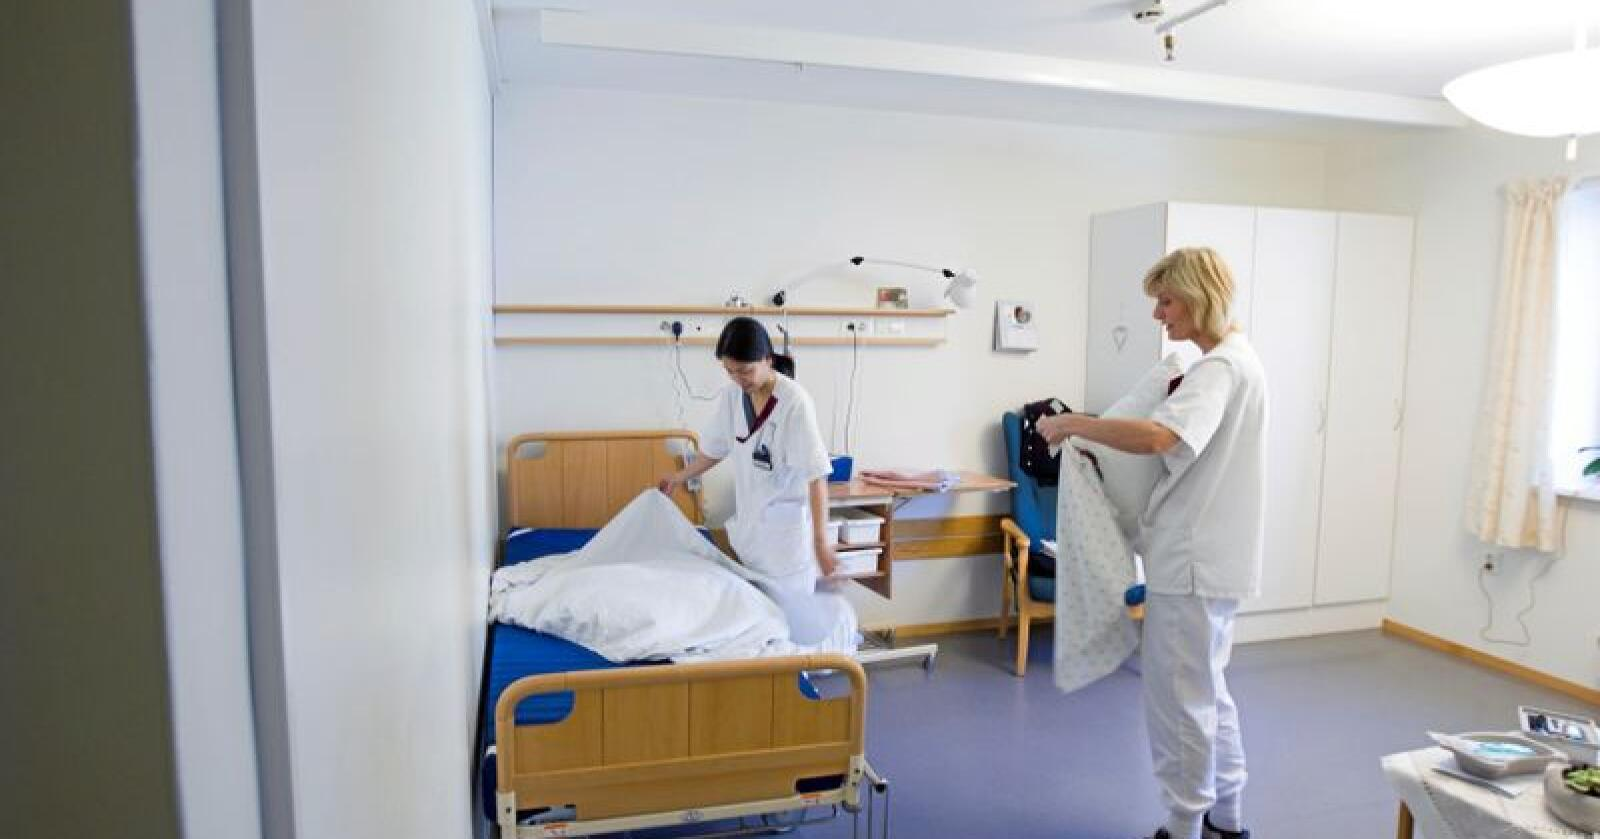 Distrikt: Sjukepleiarutdanninga vart til fordi tilgangen til sjukepleiarar i distriktet var for liten. Foto: Heiko Junge/NTB scanpix